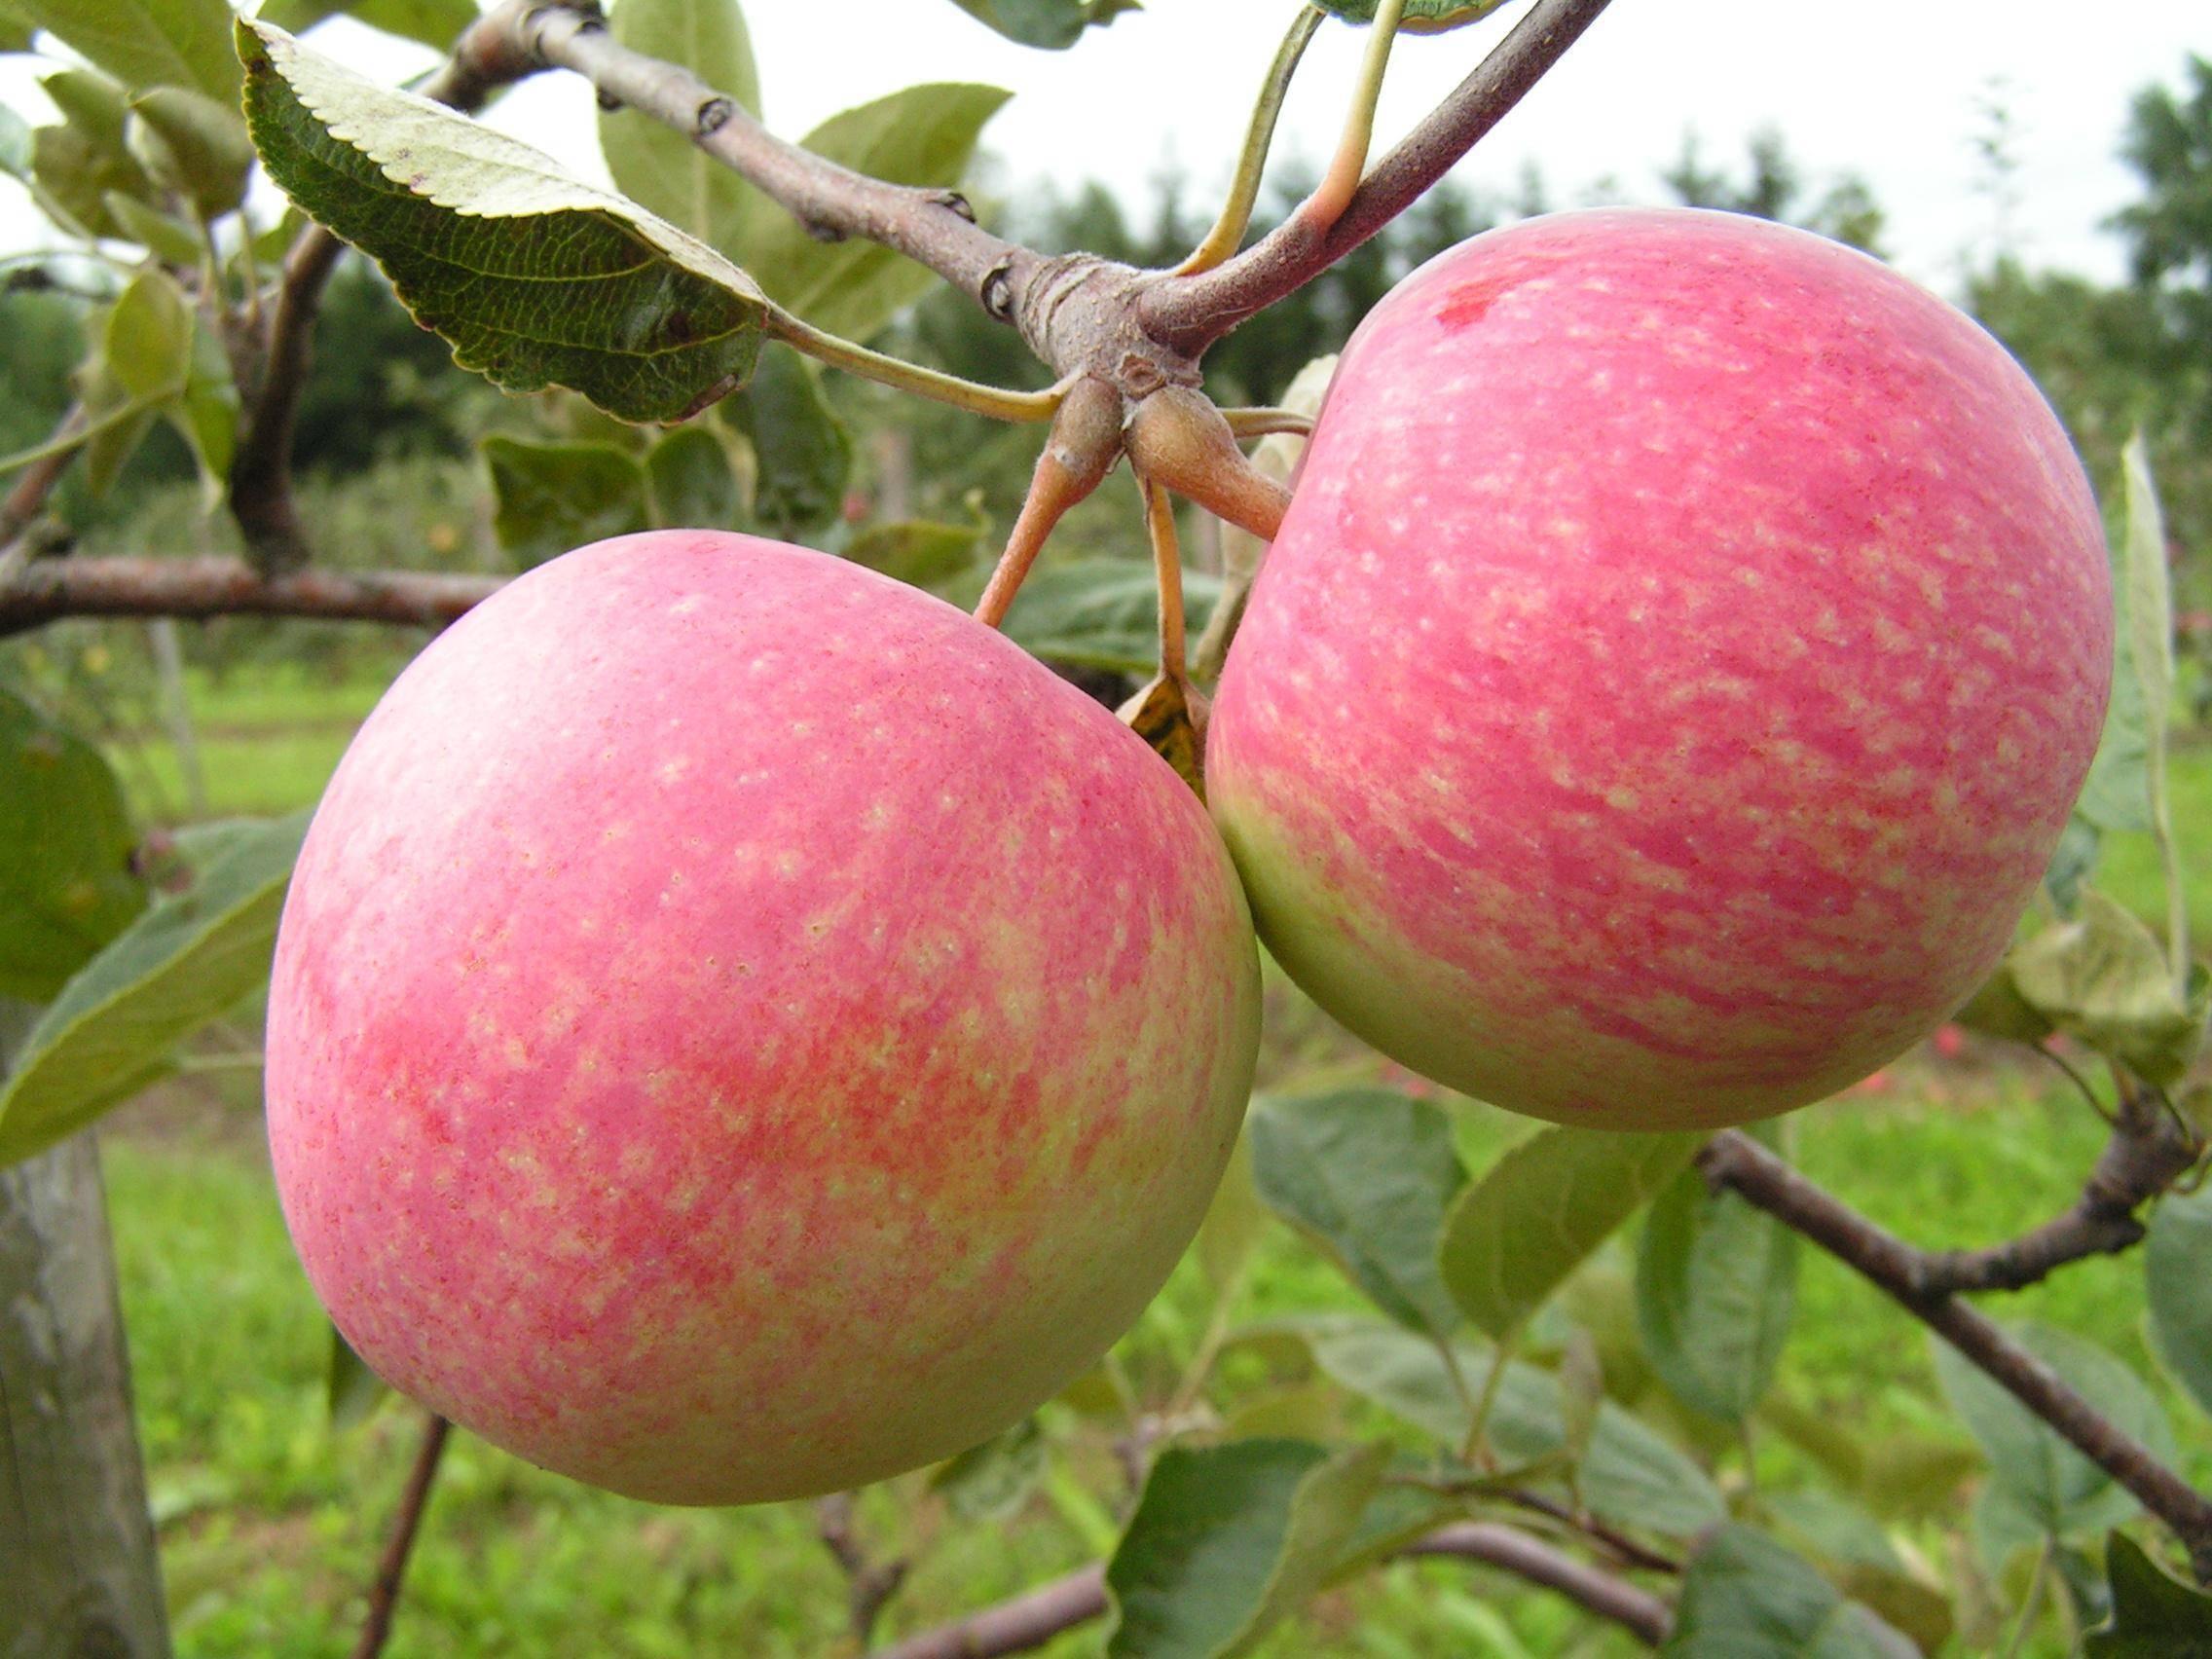 О яблоне ранетка: описание и характеристики сорта, посадка и уход